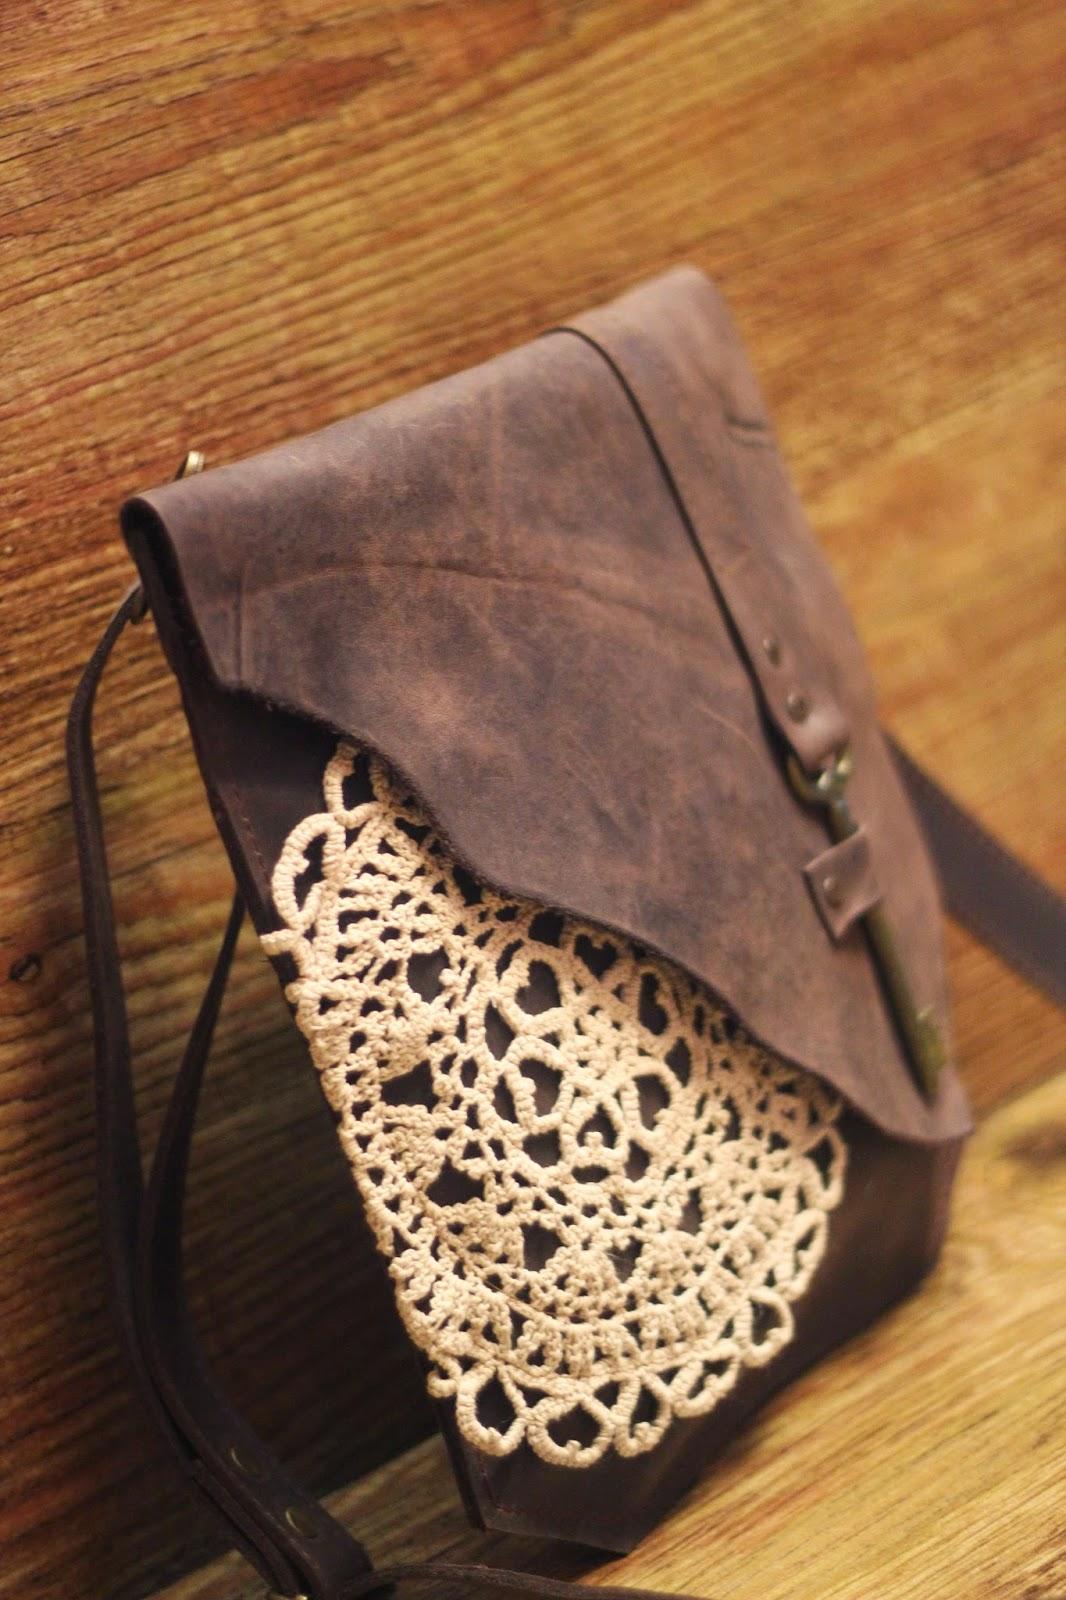 0c6cc1909623 Она прислала мне несколько фото кожаных сумок с кружевами. А поскольку мне  давно хотелось сшить такую, я засунула свою совесть куда подальше и сшила.